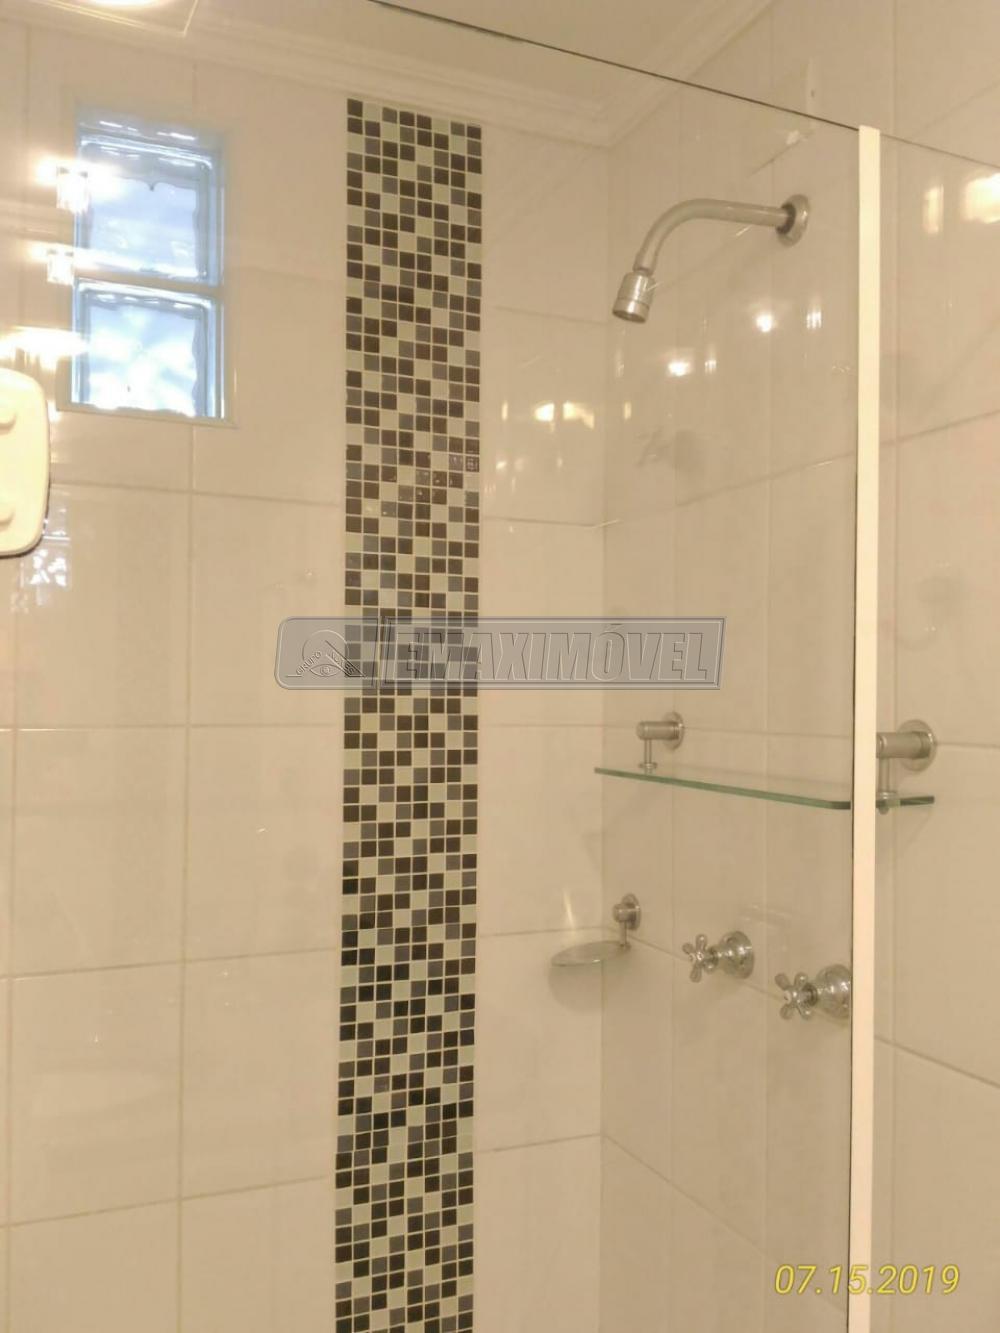 Comprar Apartamentos / Apto Padrão em Sorocaba apenas R$ 560.000,00 - Foto 25